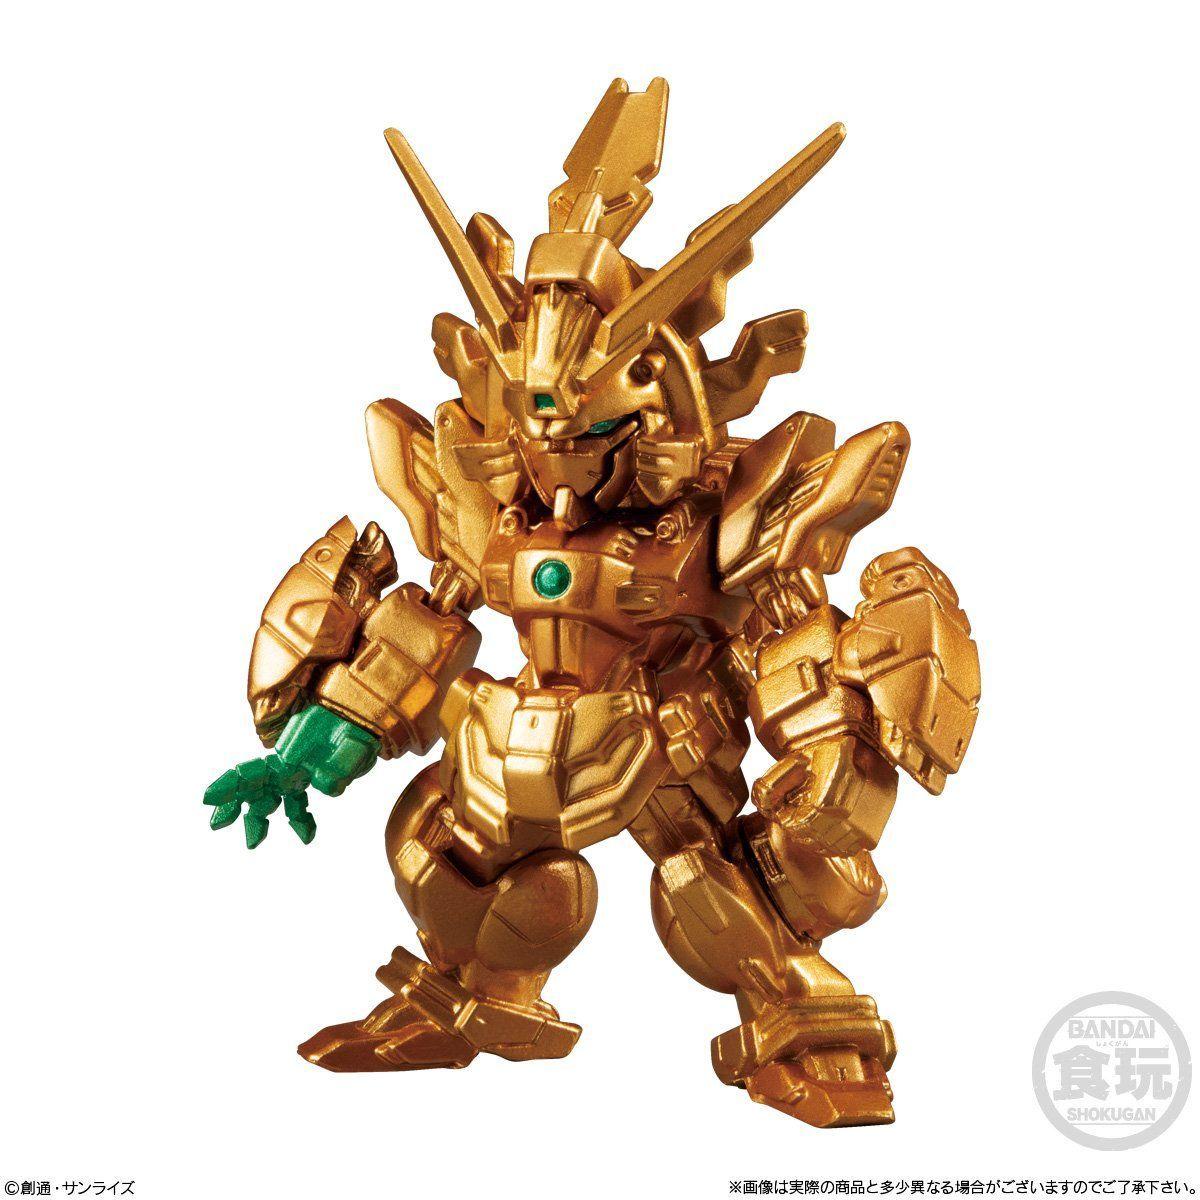 【食玩】機動戦士ガンダム『FW GUNDAM CONVERGE GOLD EDITION』デフォルメフィギュア 8個入りBOX-006